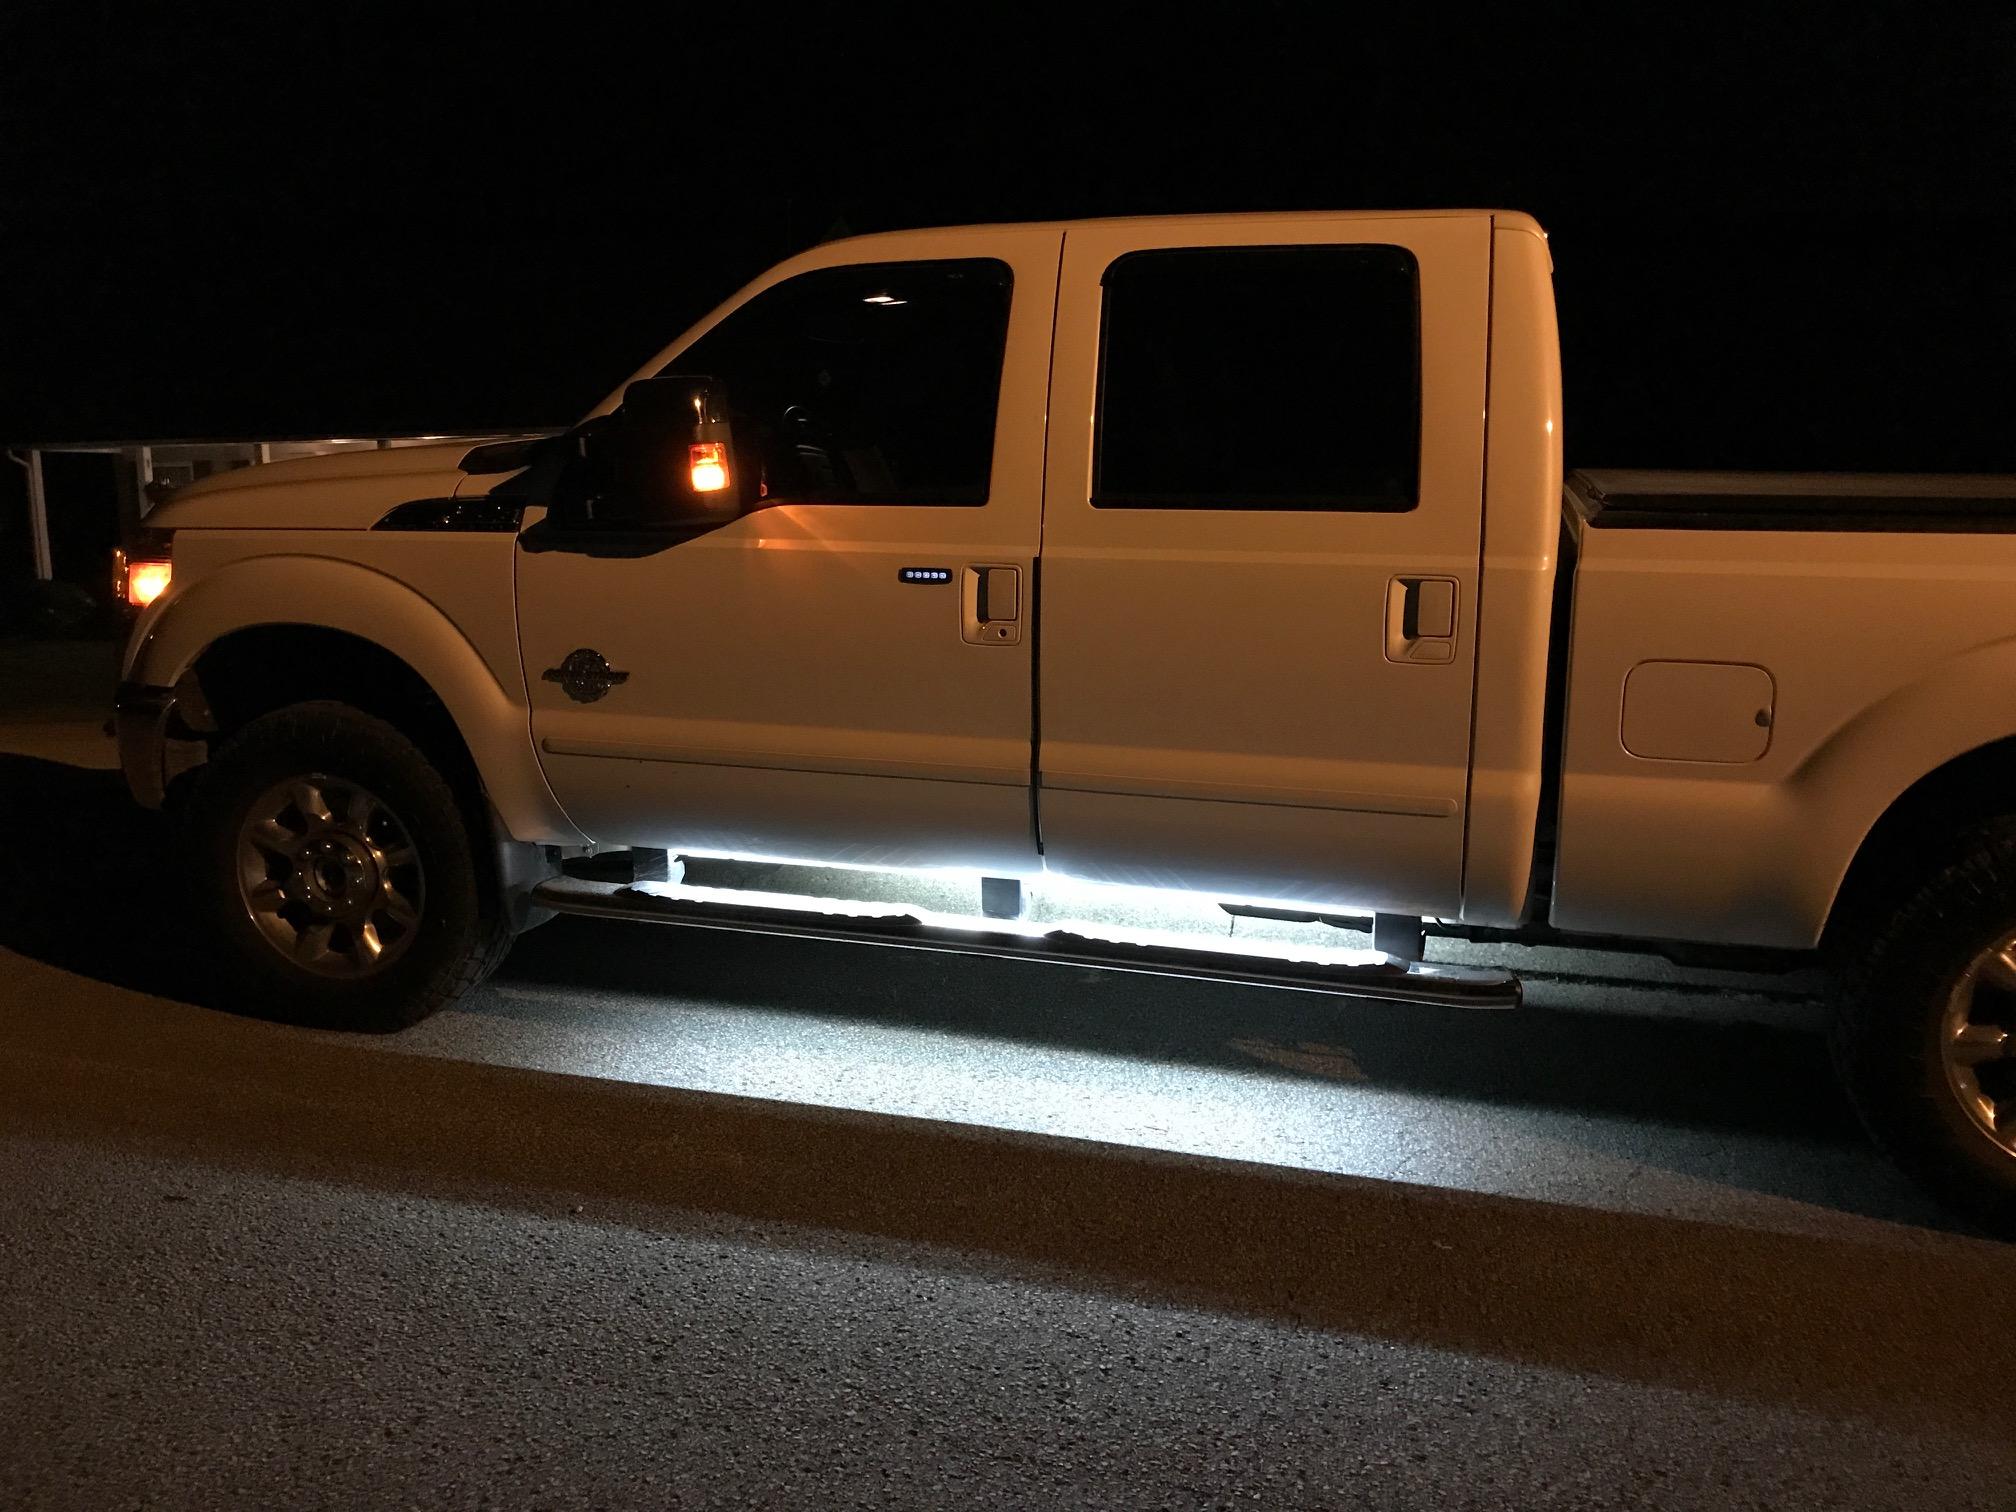 LED Light Running Boards - Ford Powerstroke Diesel Forum